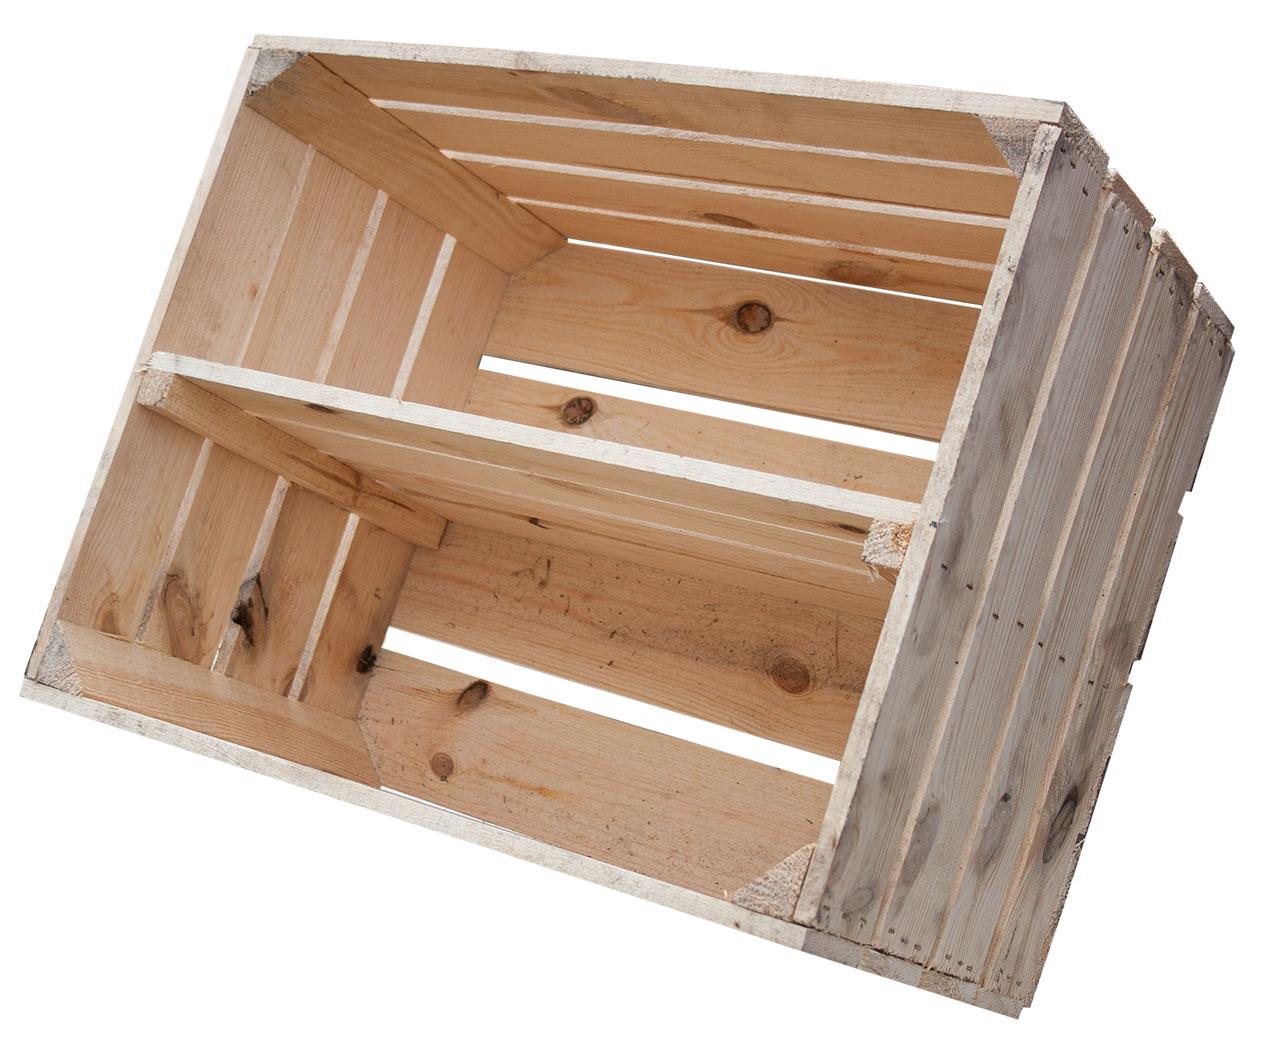 obstkisten regalkiste l ngsboden natur 50x40x30cm. Black Bedroom Furniture Sets. Home Design Ideas